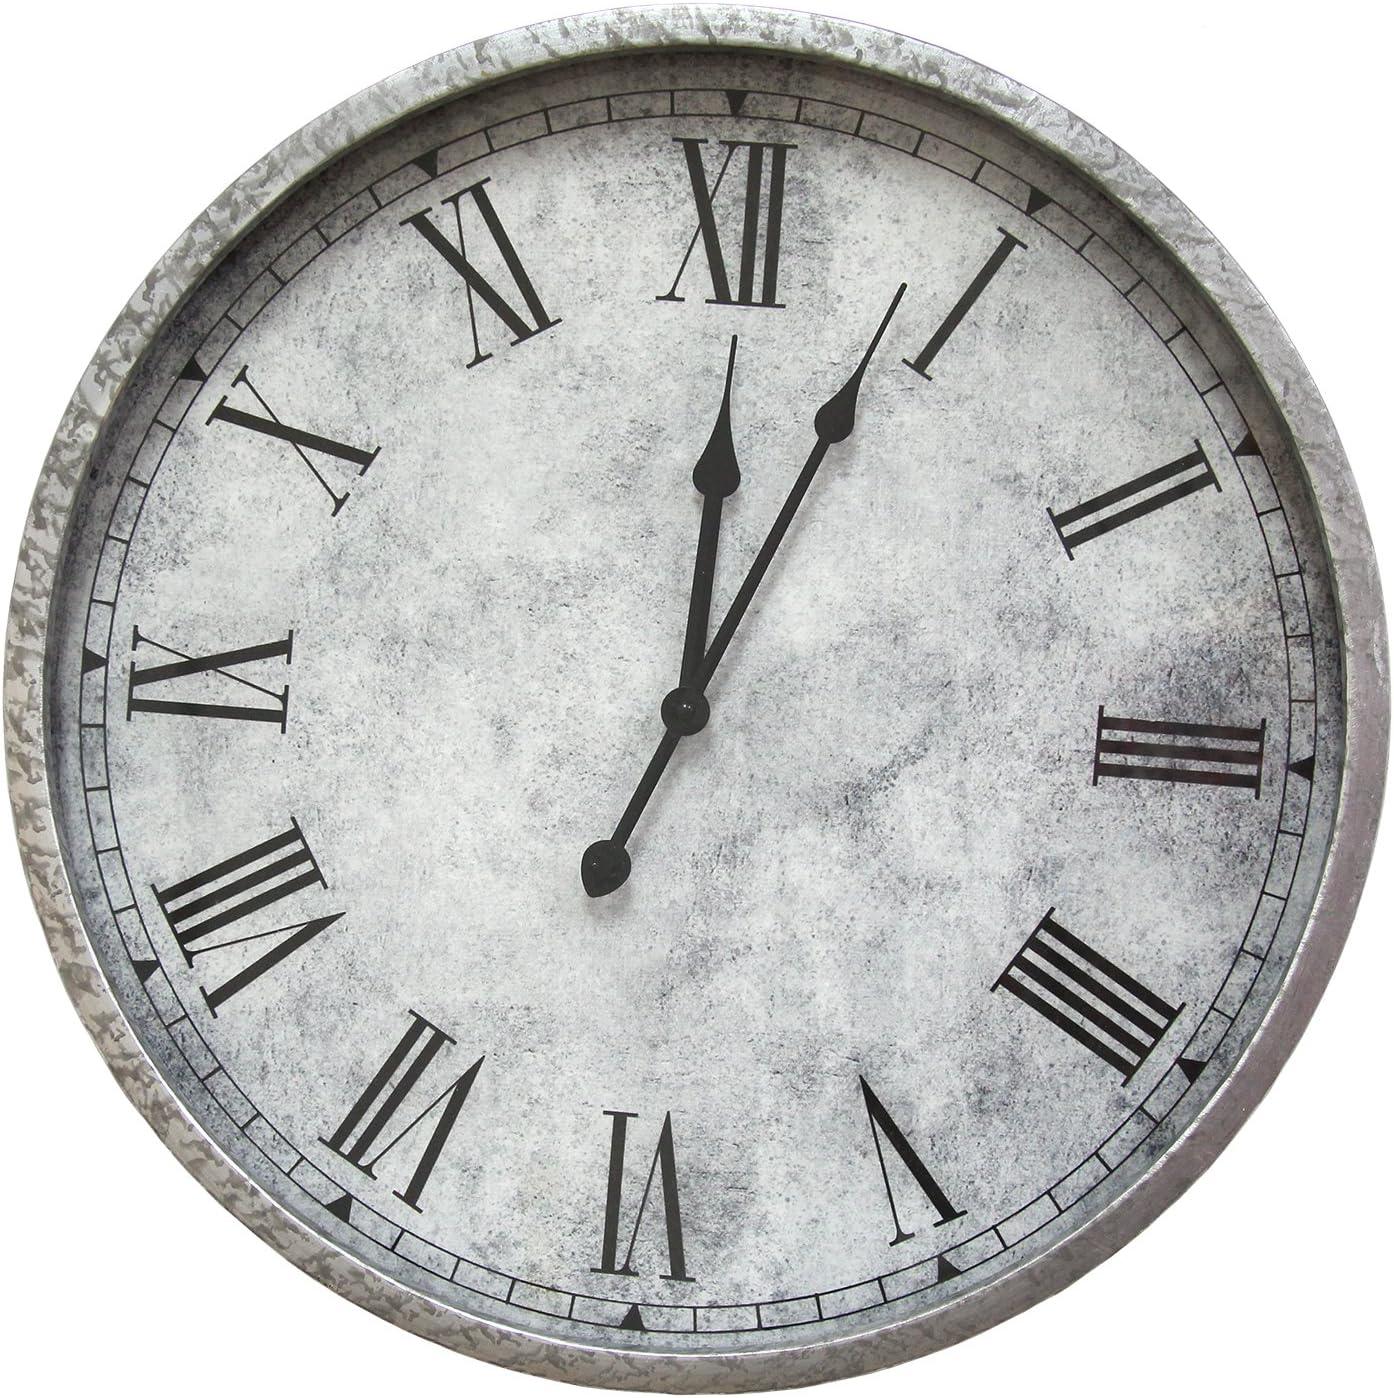 Stratton Home Decor S07721 Gaston Wall Clock, 18.00 W x 2.50 D x 18.00 H, Silver